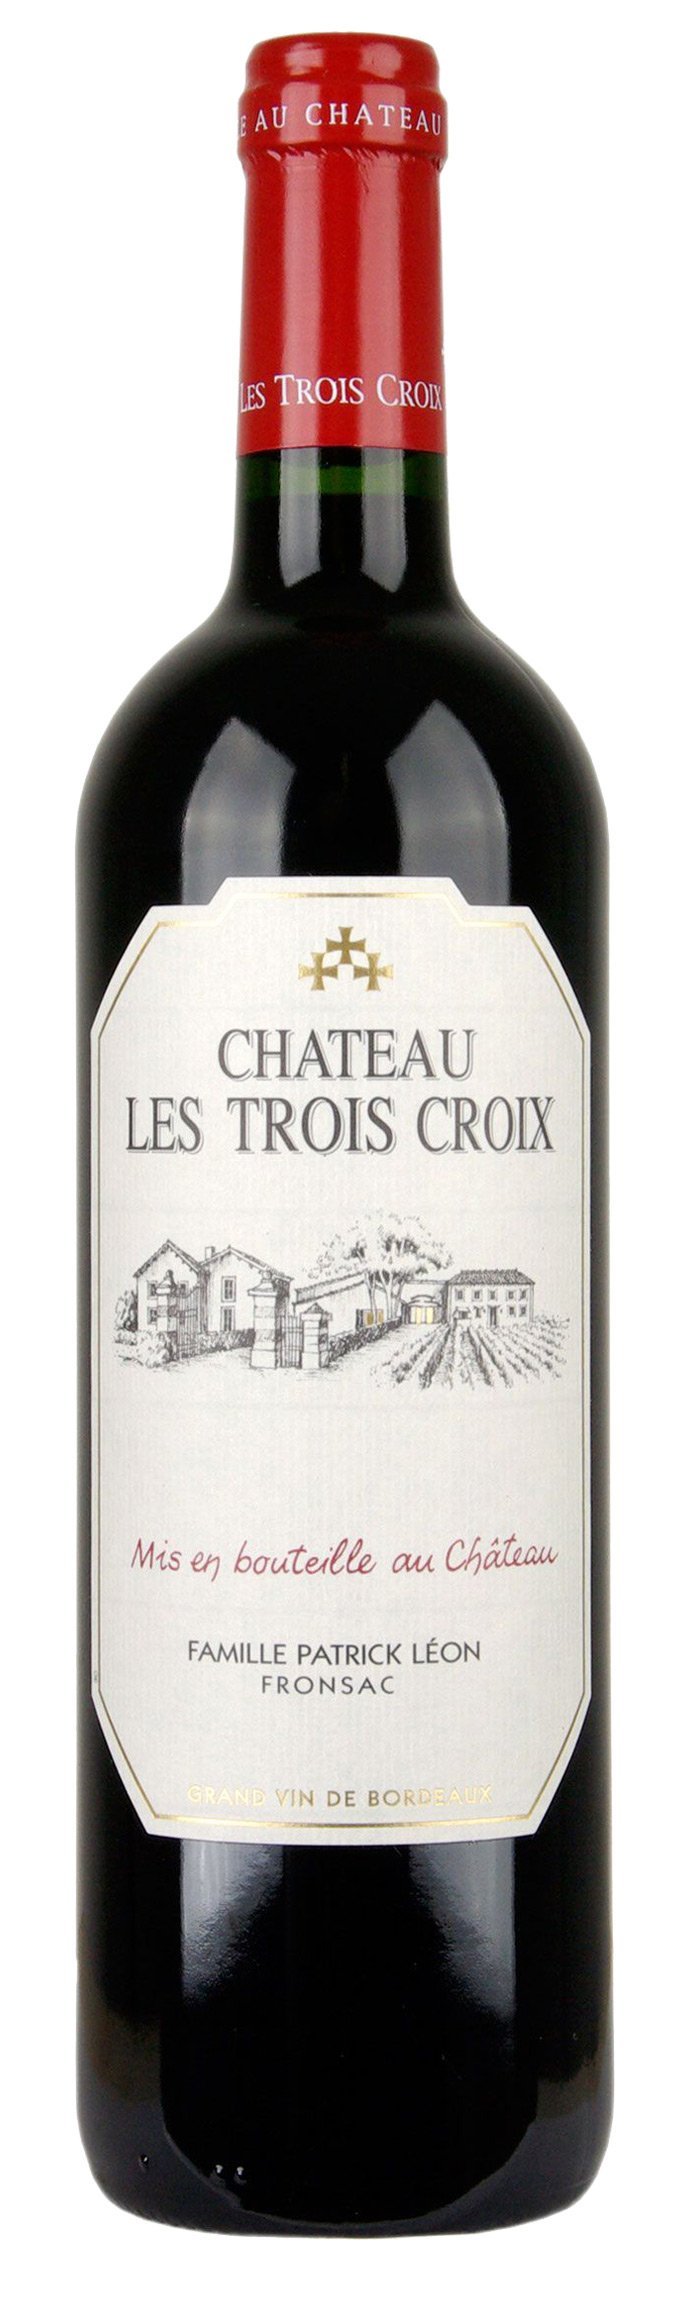 Chteau-Les-Trois-Croix-2009-Trocken-3-x-075-l